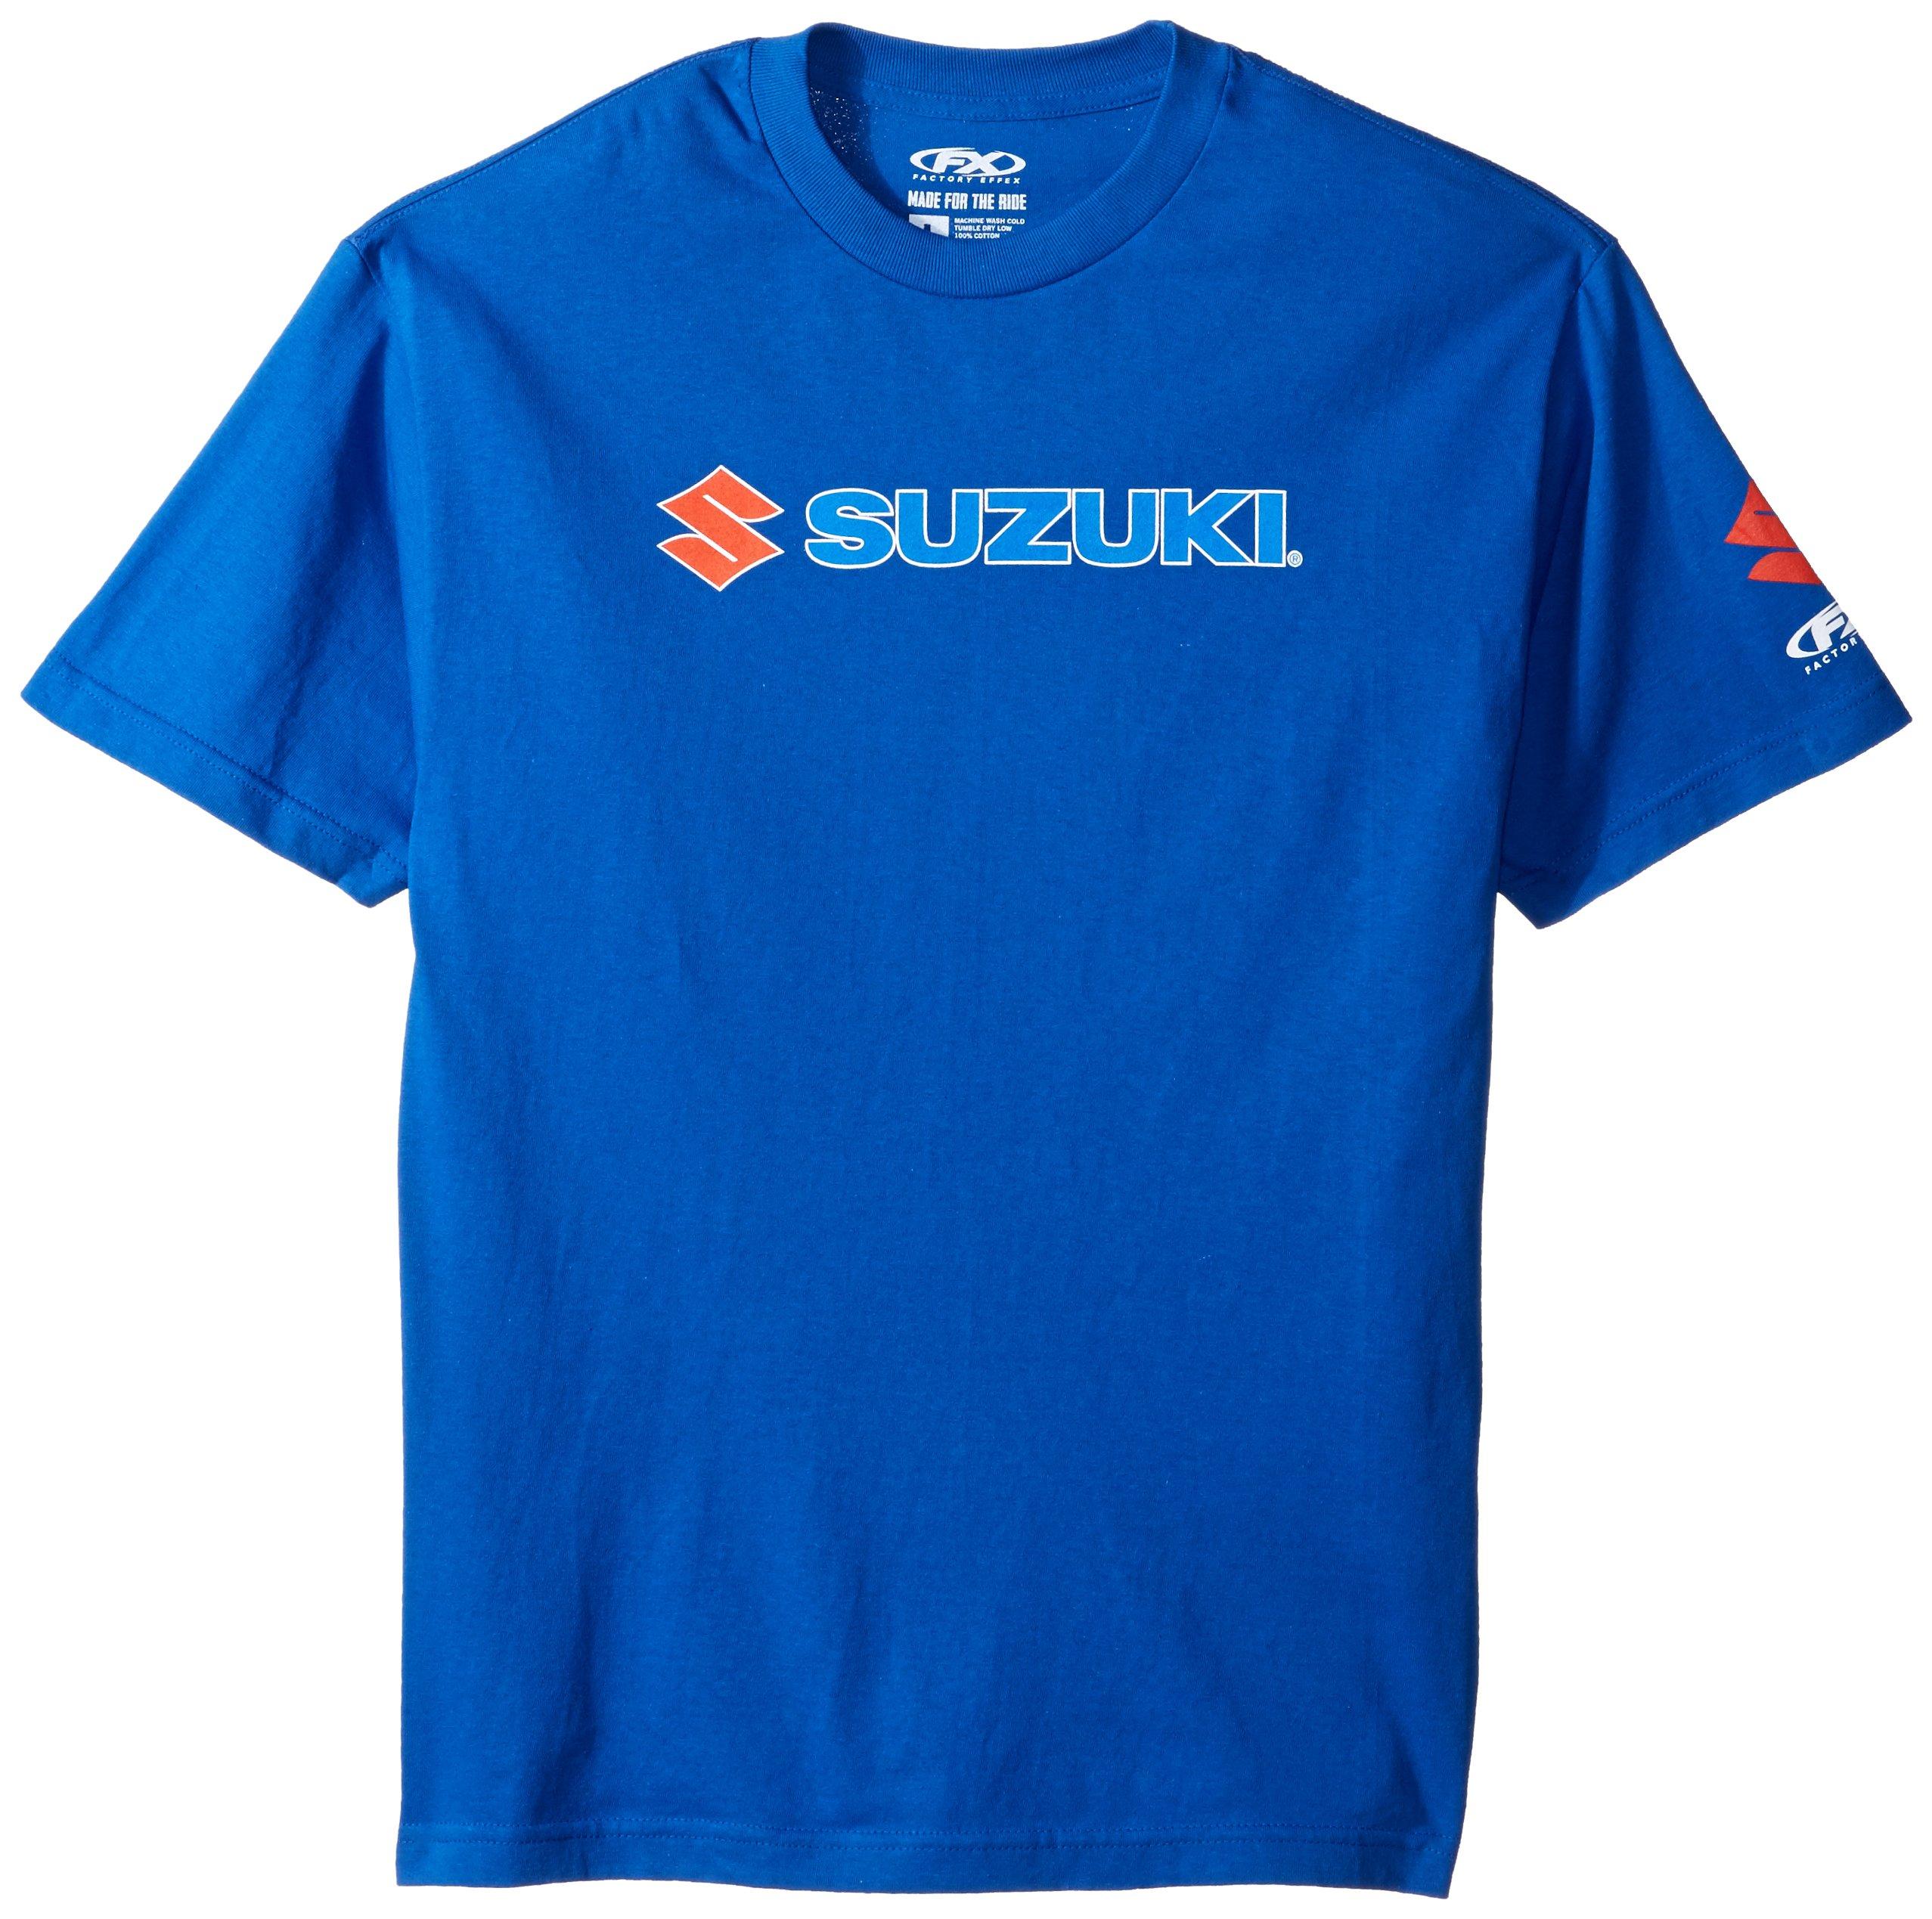 Factory Effex  15-88462 'Suzuki' Team T-Shirt